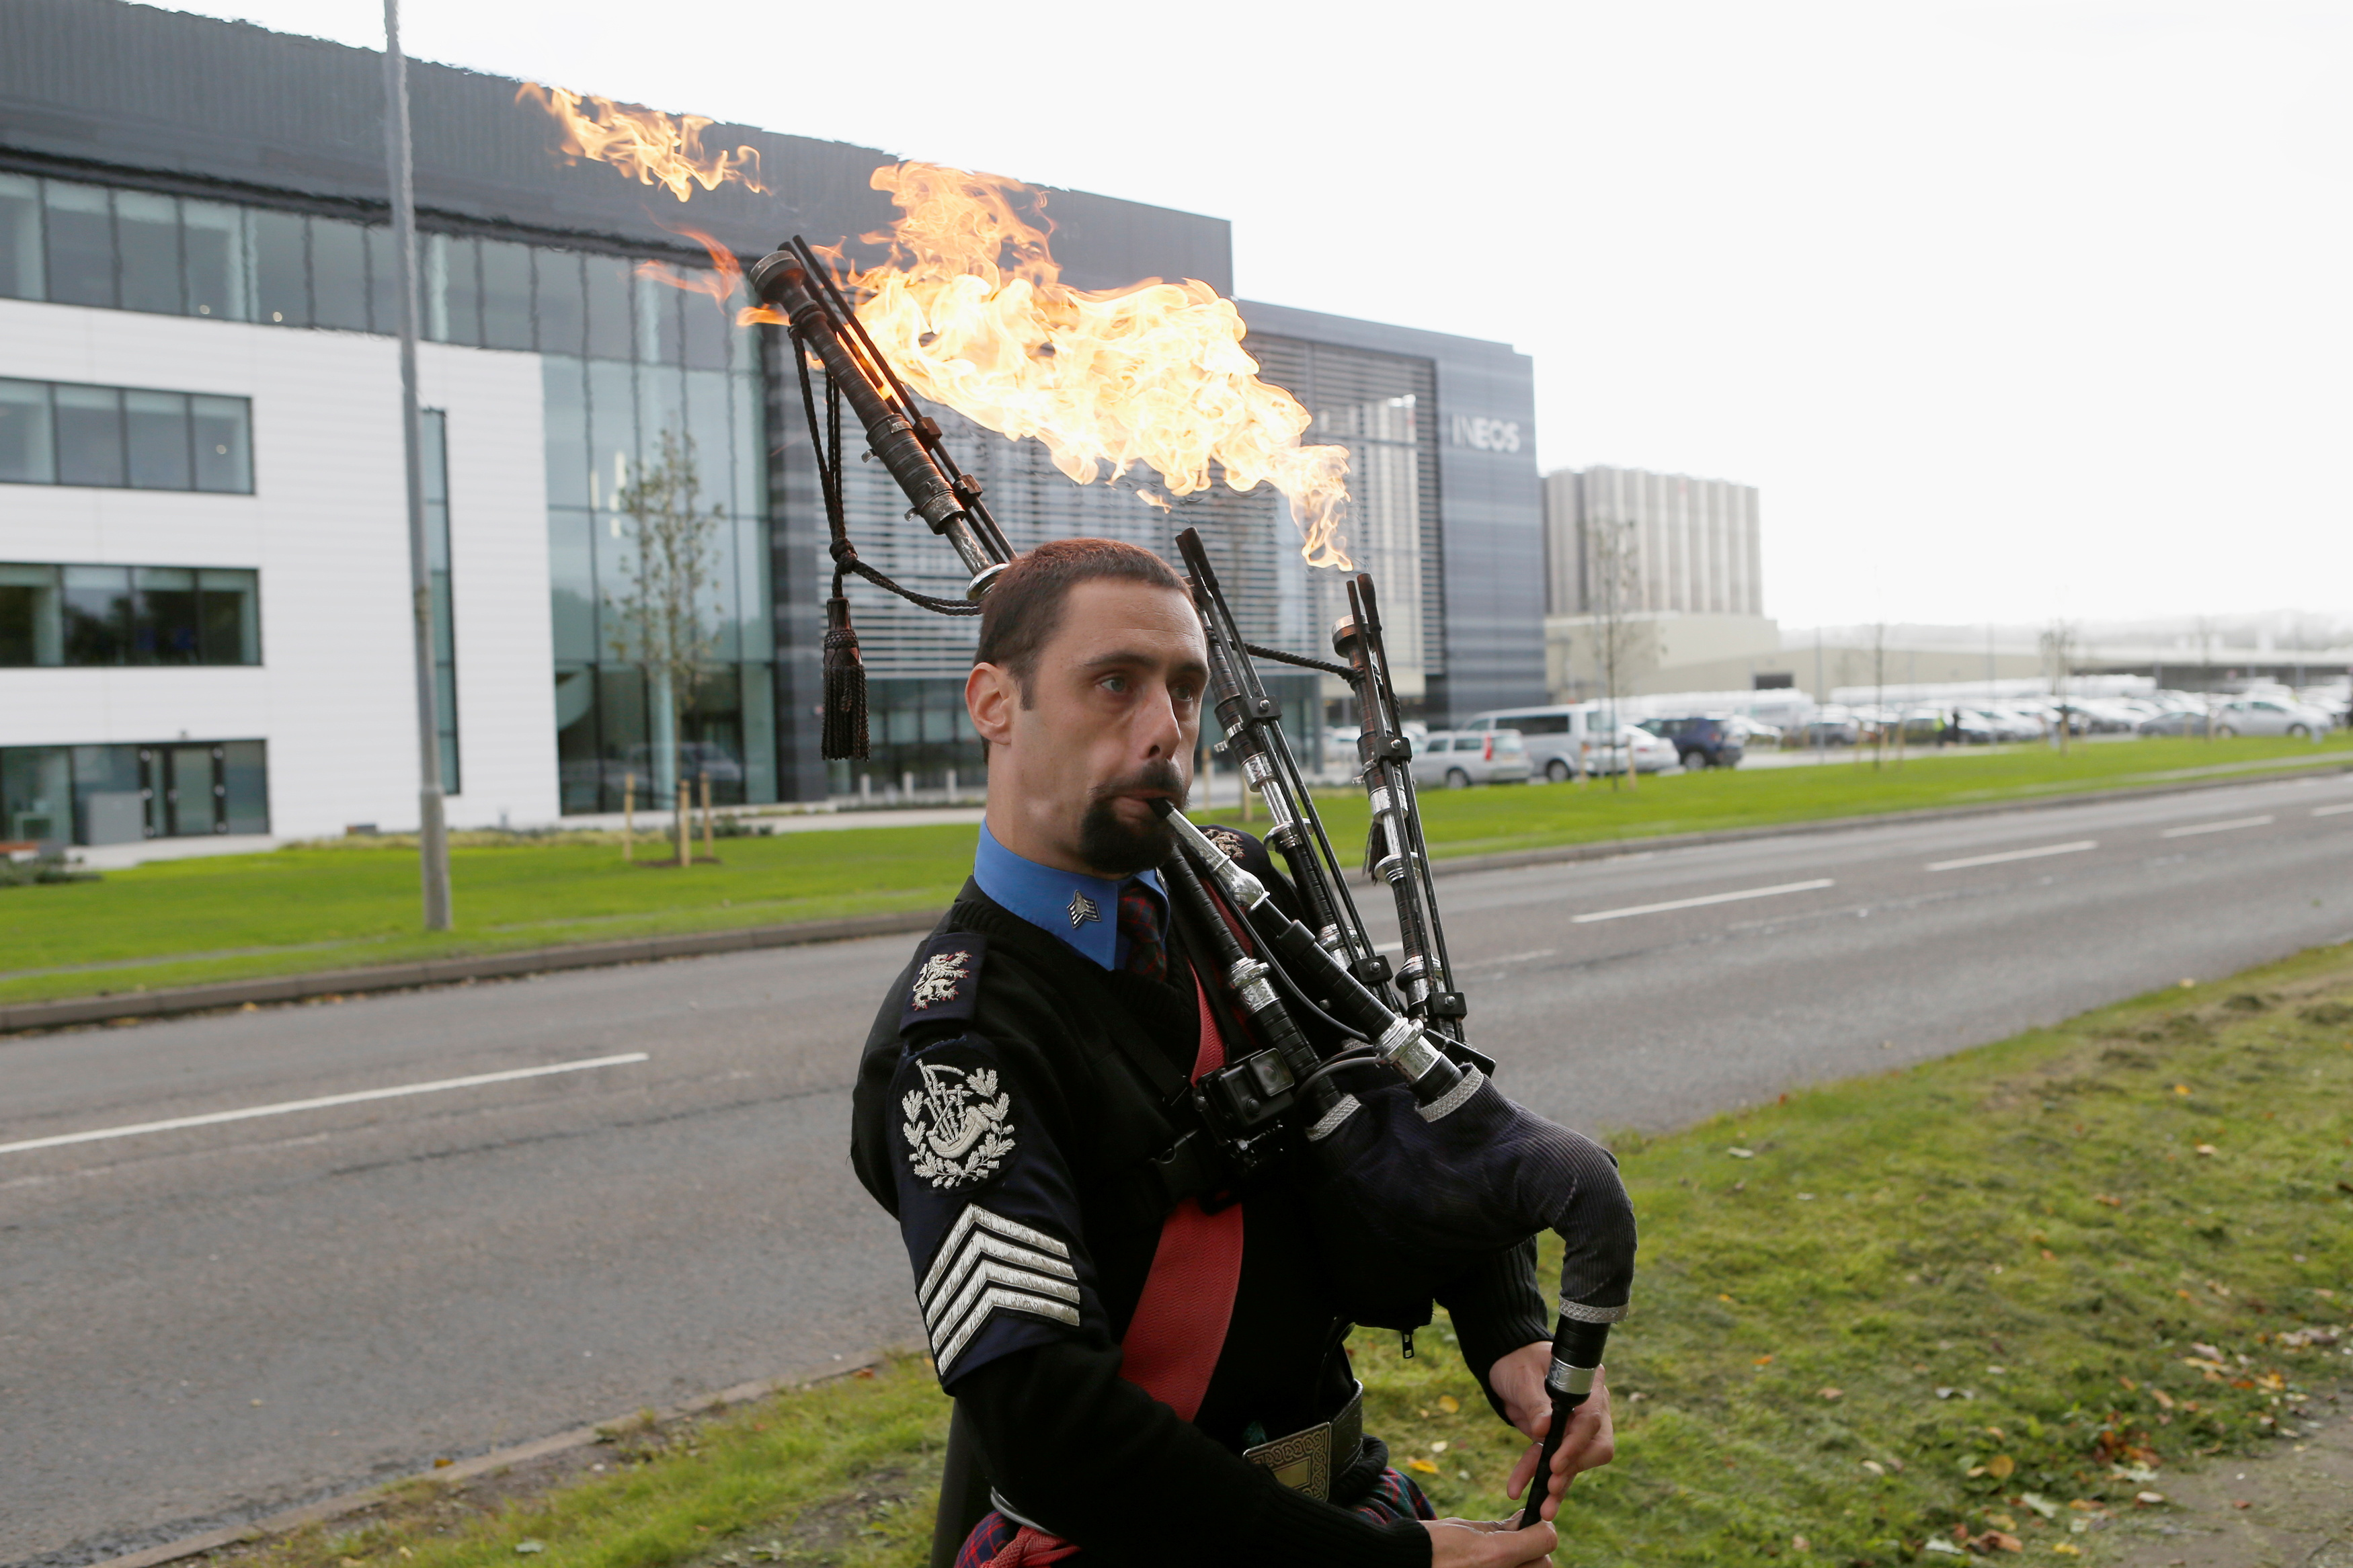 Un hombre juega con tubos de saco en llamas como opositores a la protesta contra el fracking frente a las oficinas de Ineos después de que recibieron el primer envío de gas de esquisto que se entregará a Gran Bretaña en su terminal de Grangemouth en Escocia, Reino Unido, el 27 de septiembre de 2016. REUTERS / Russell Cheyne / Archivo Foto